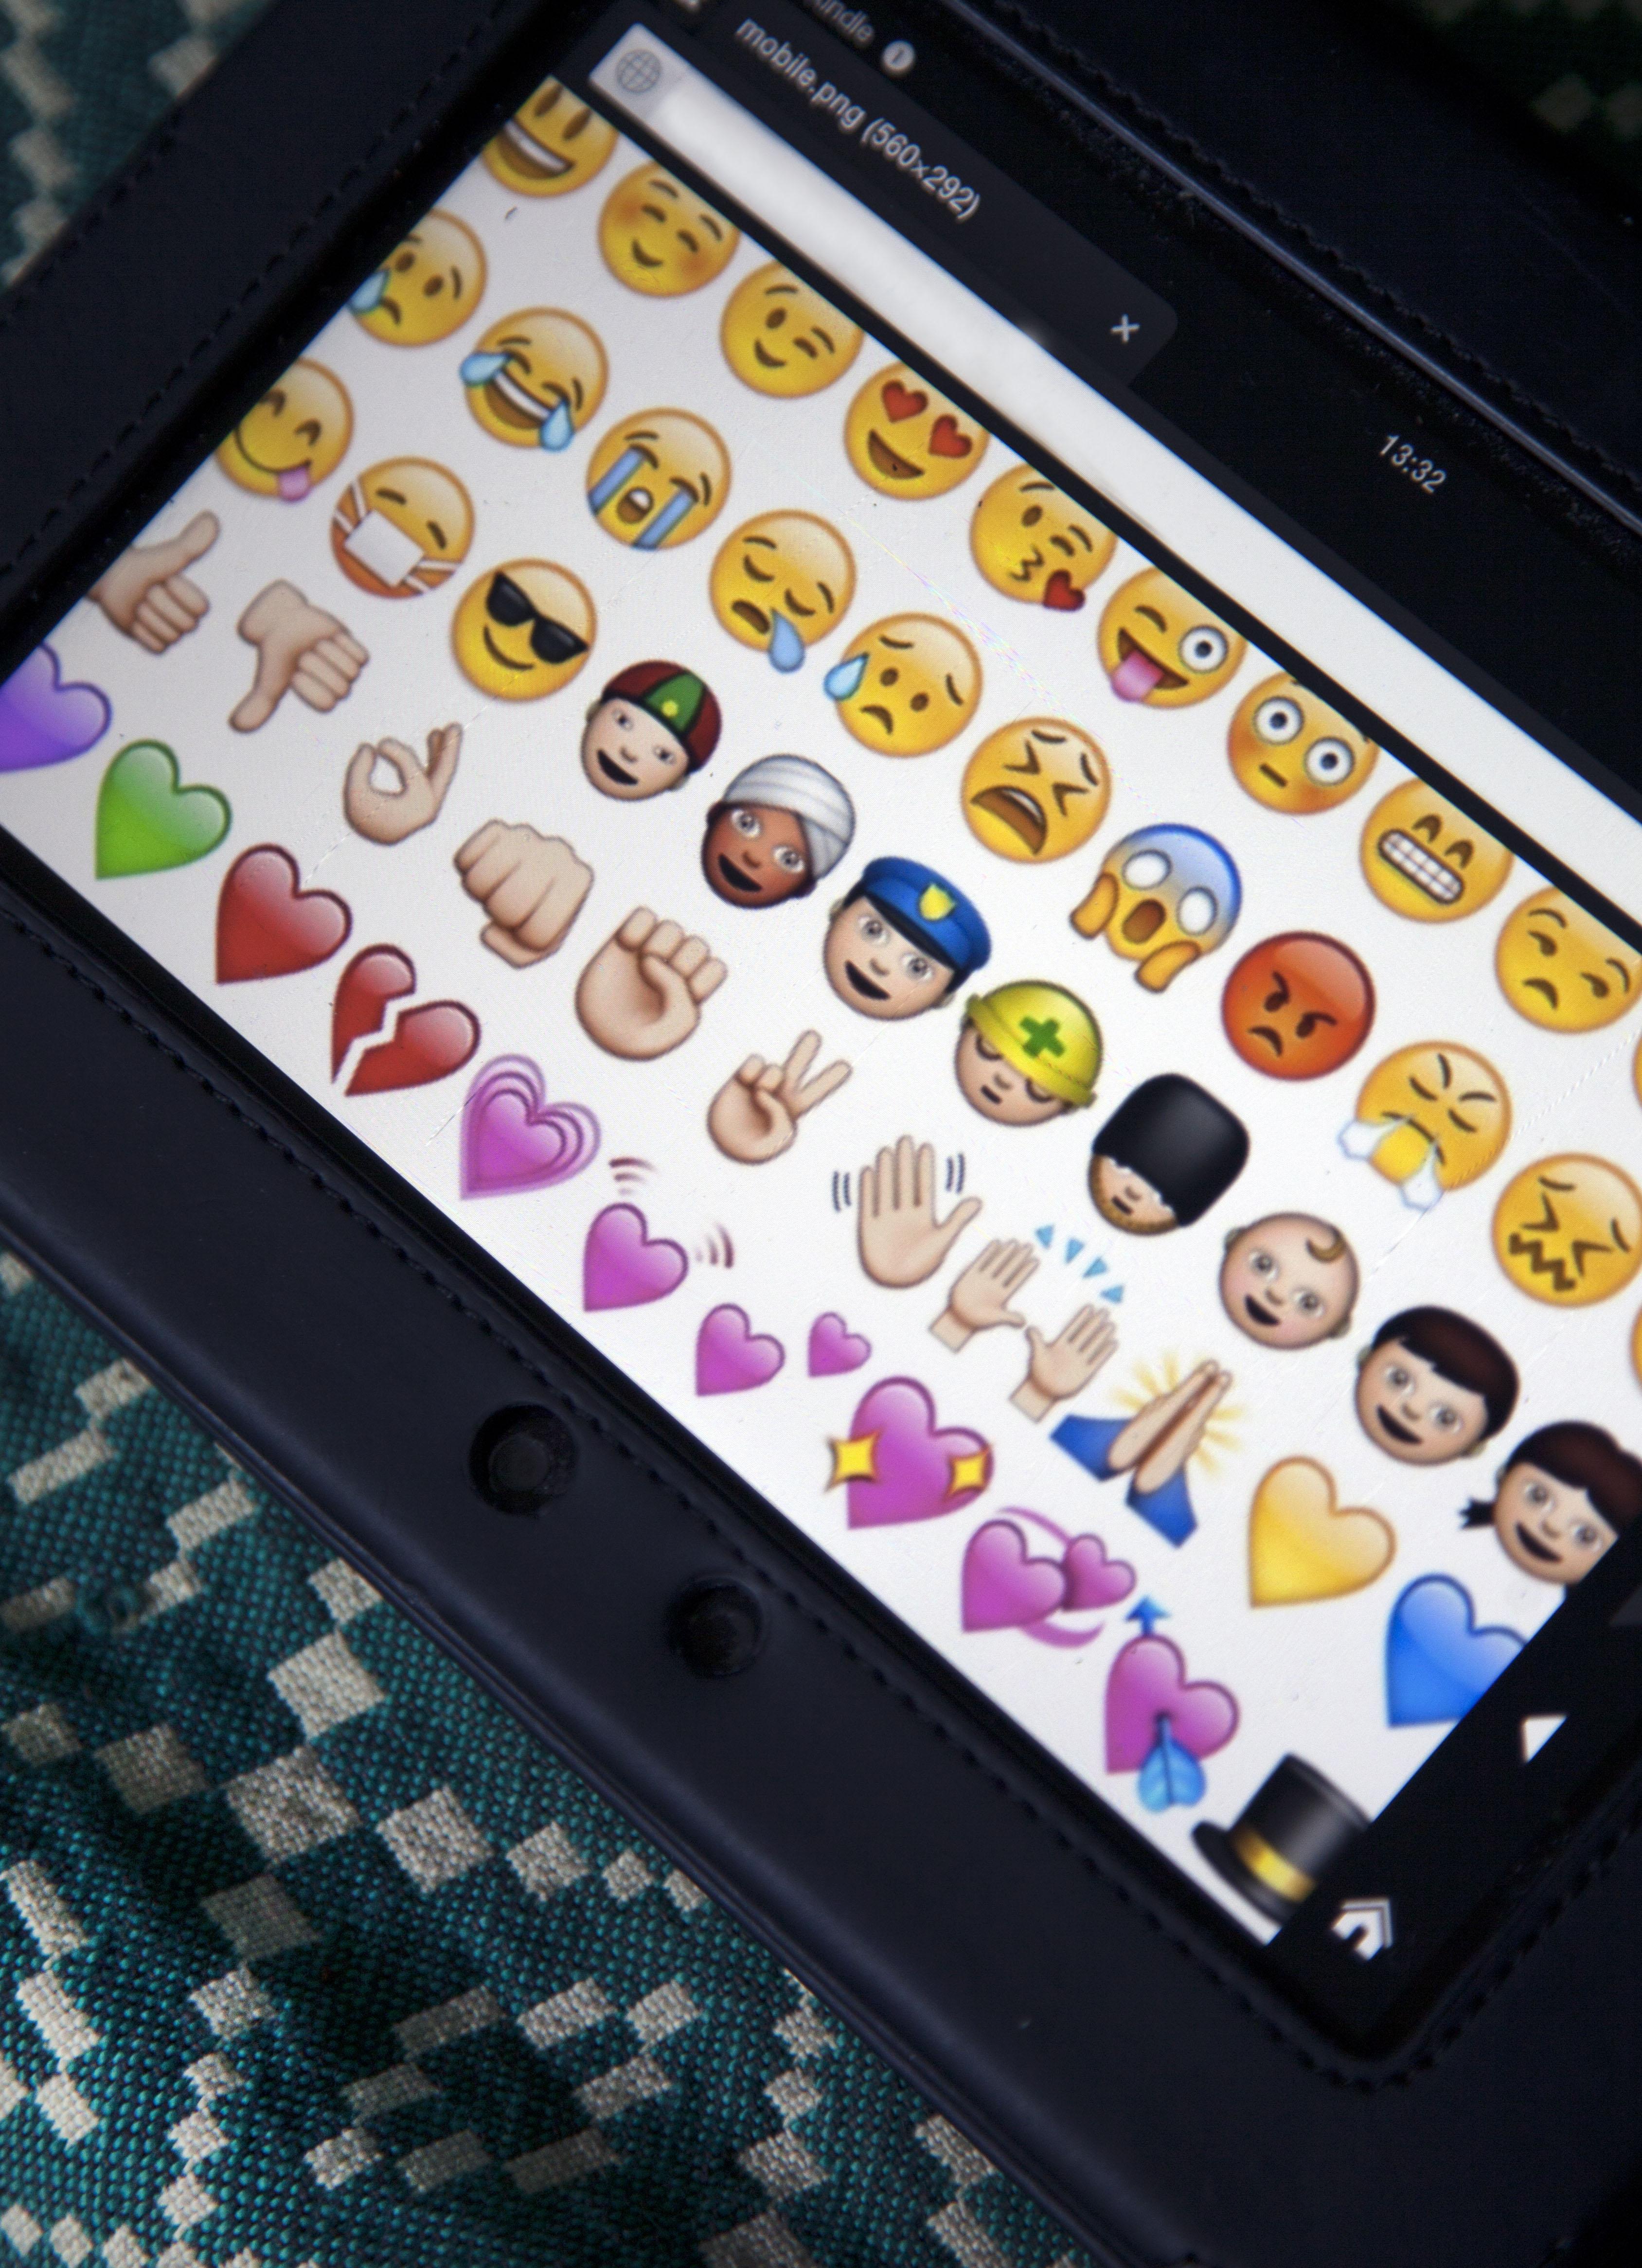 Sådan fjerner du Facebooks emojis og får de gamle tilbage i Messenger. (Foto: All Over)